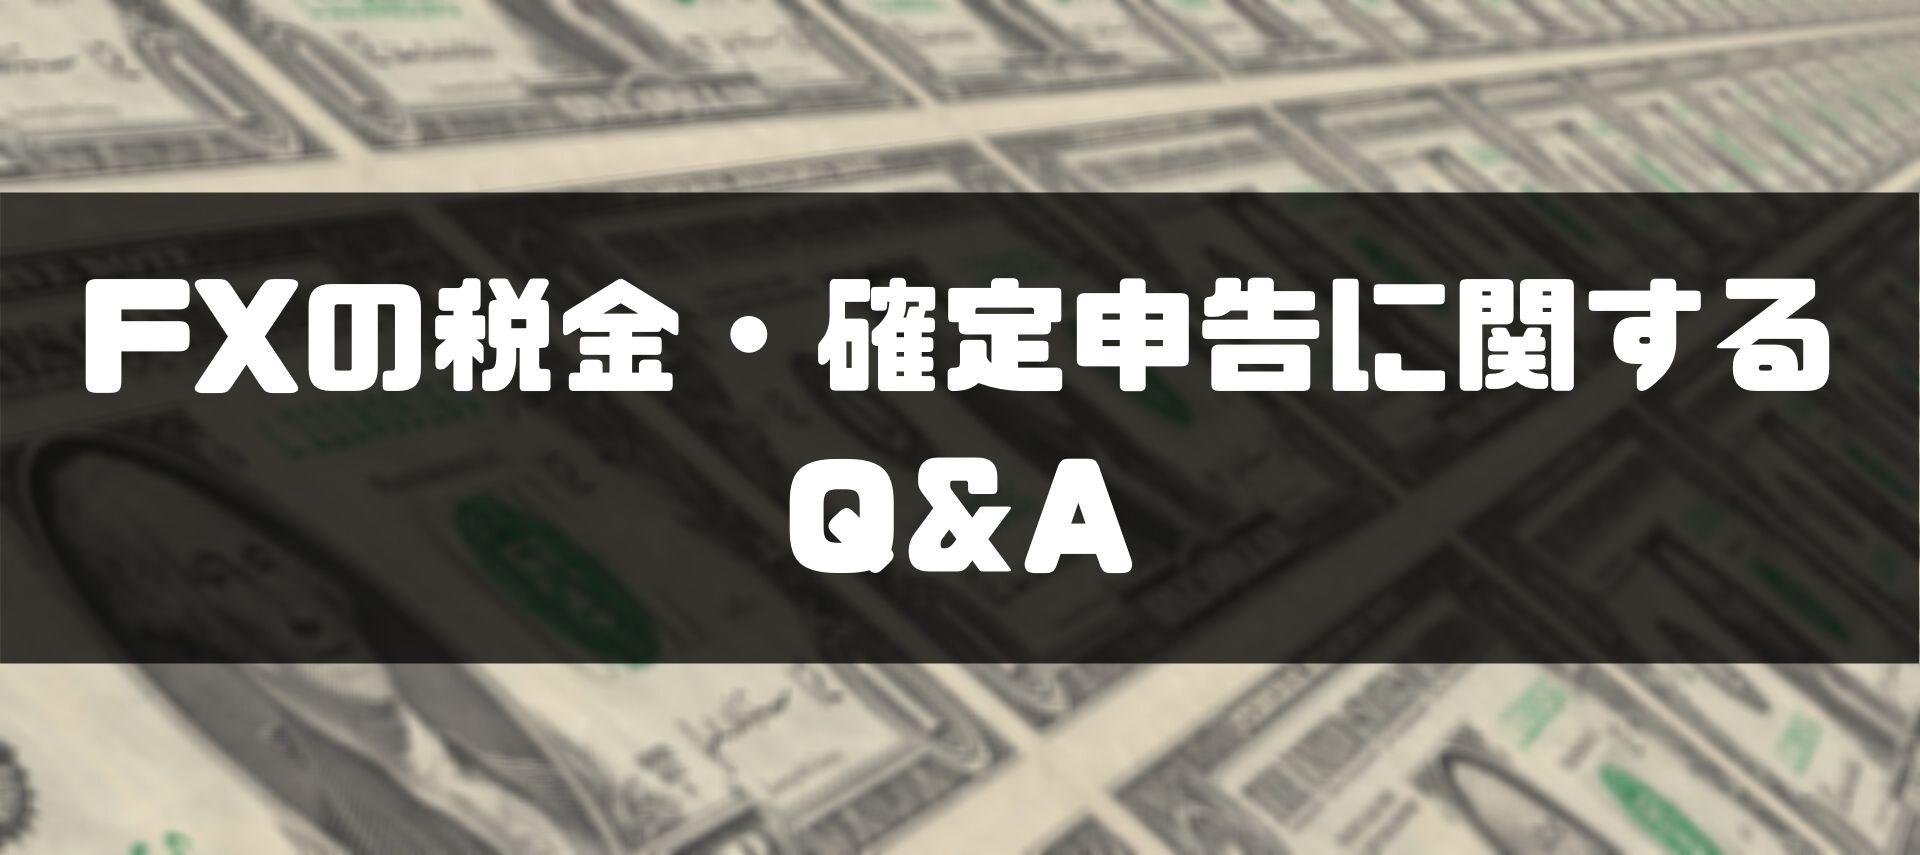 FX税金_確定申告_Q&A